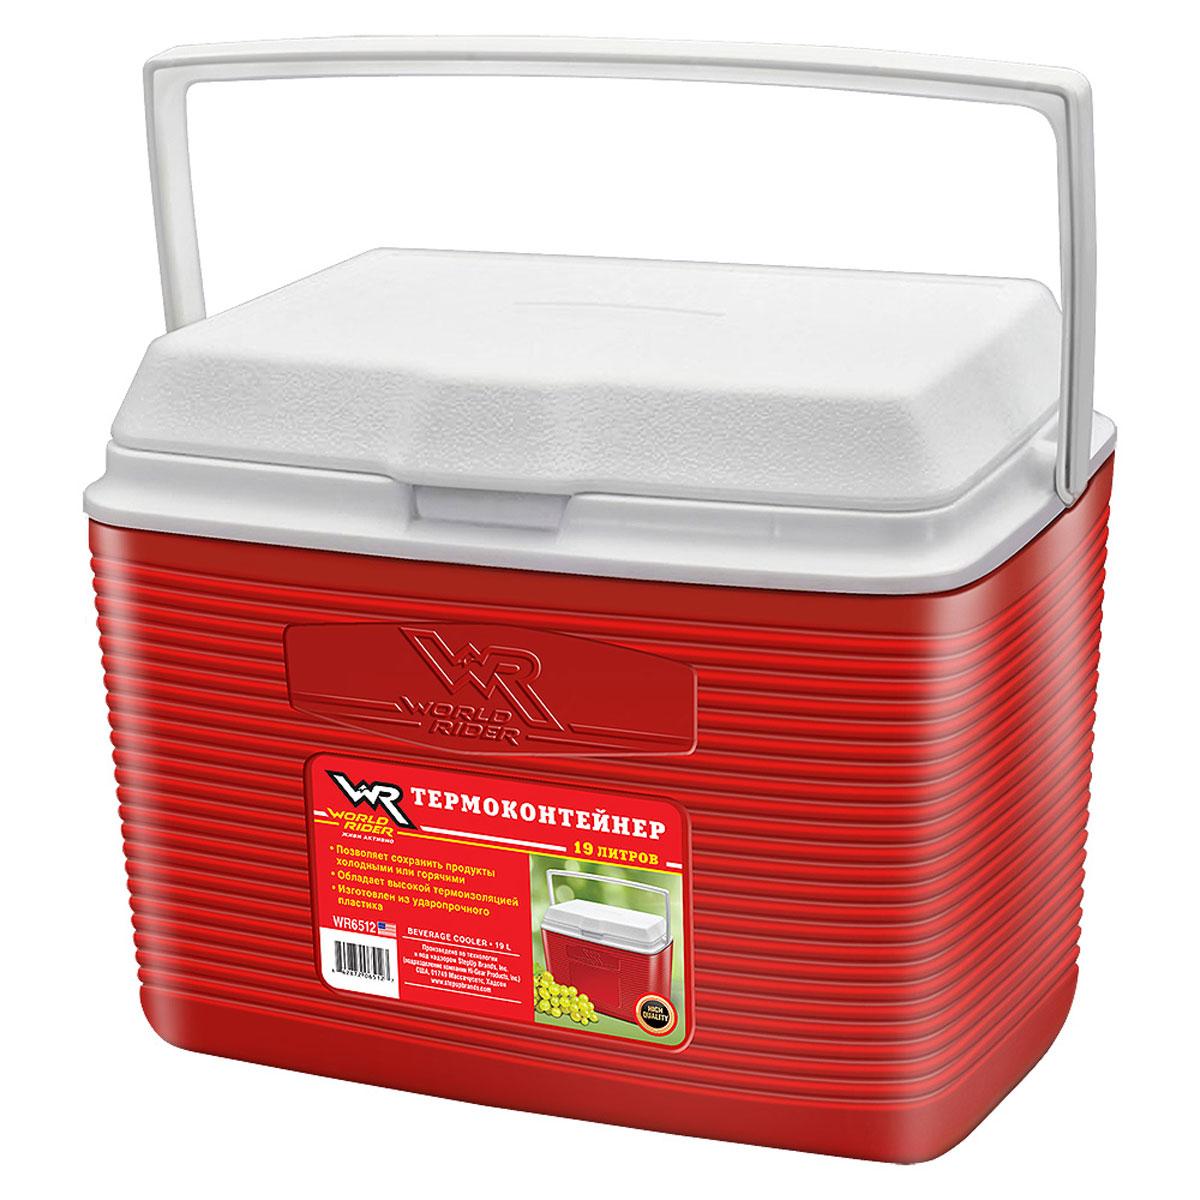 Термоконтейнер World Rider, 19 л. WR 6512810016Сохраняет температуру холодных и горячих продуктов. Обладает высокой термоизоляцией. Удобен и прост в использовании.Яркий и привлекательный дизайн.Изготовлен из ударопрочного пластика.Надежное средство для хранения продуктов. Объем: 19 литров